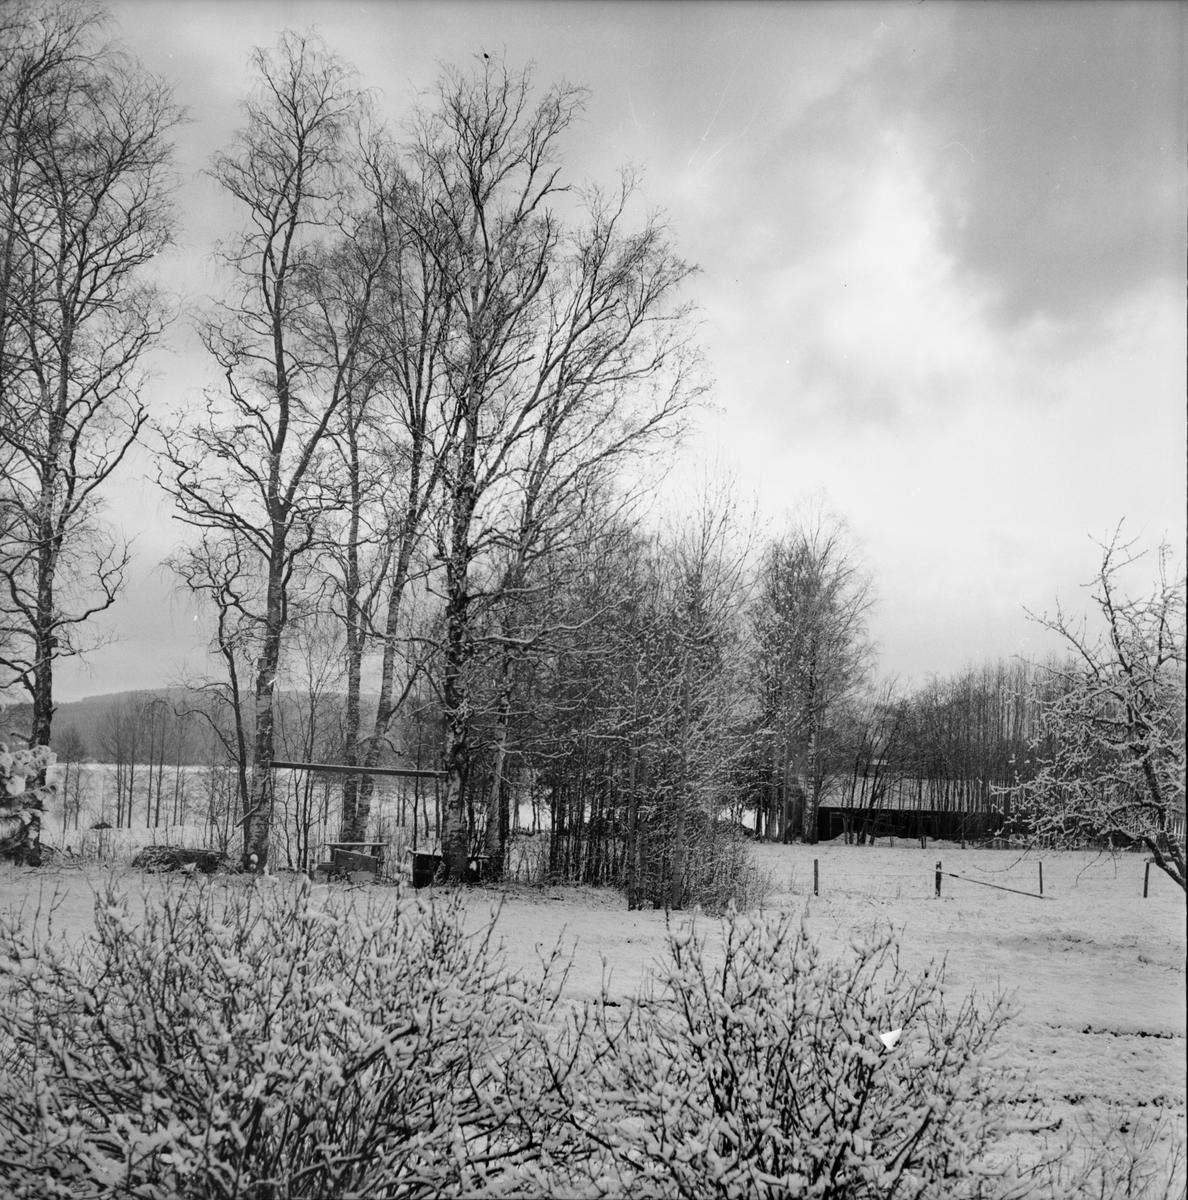 Arbrå, Hägersta, 1971